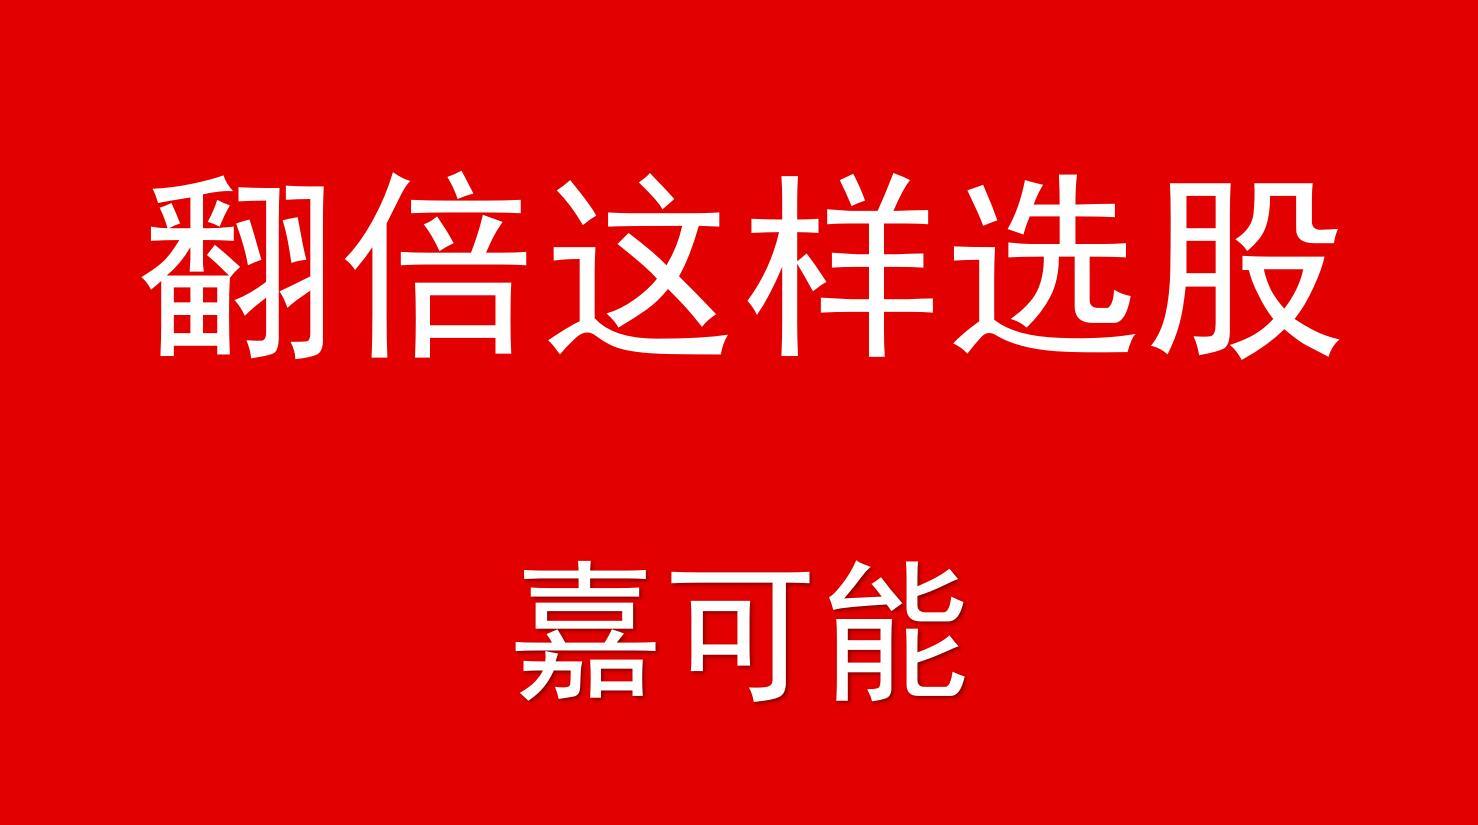 【嘉可能】北汽蓝谷(600733)涨停翻倍告诉你,缠论九段选股的重要性!缠论翻倍从选股这里开始!(04月18日)